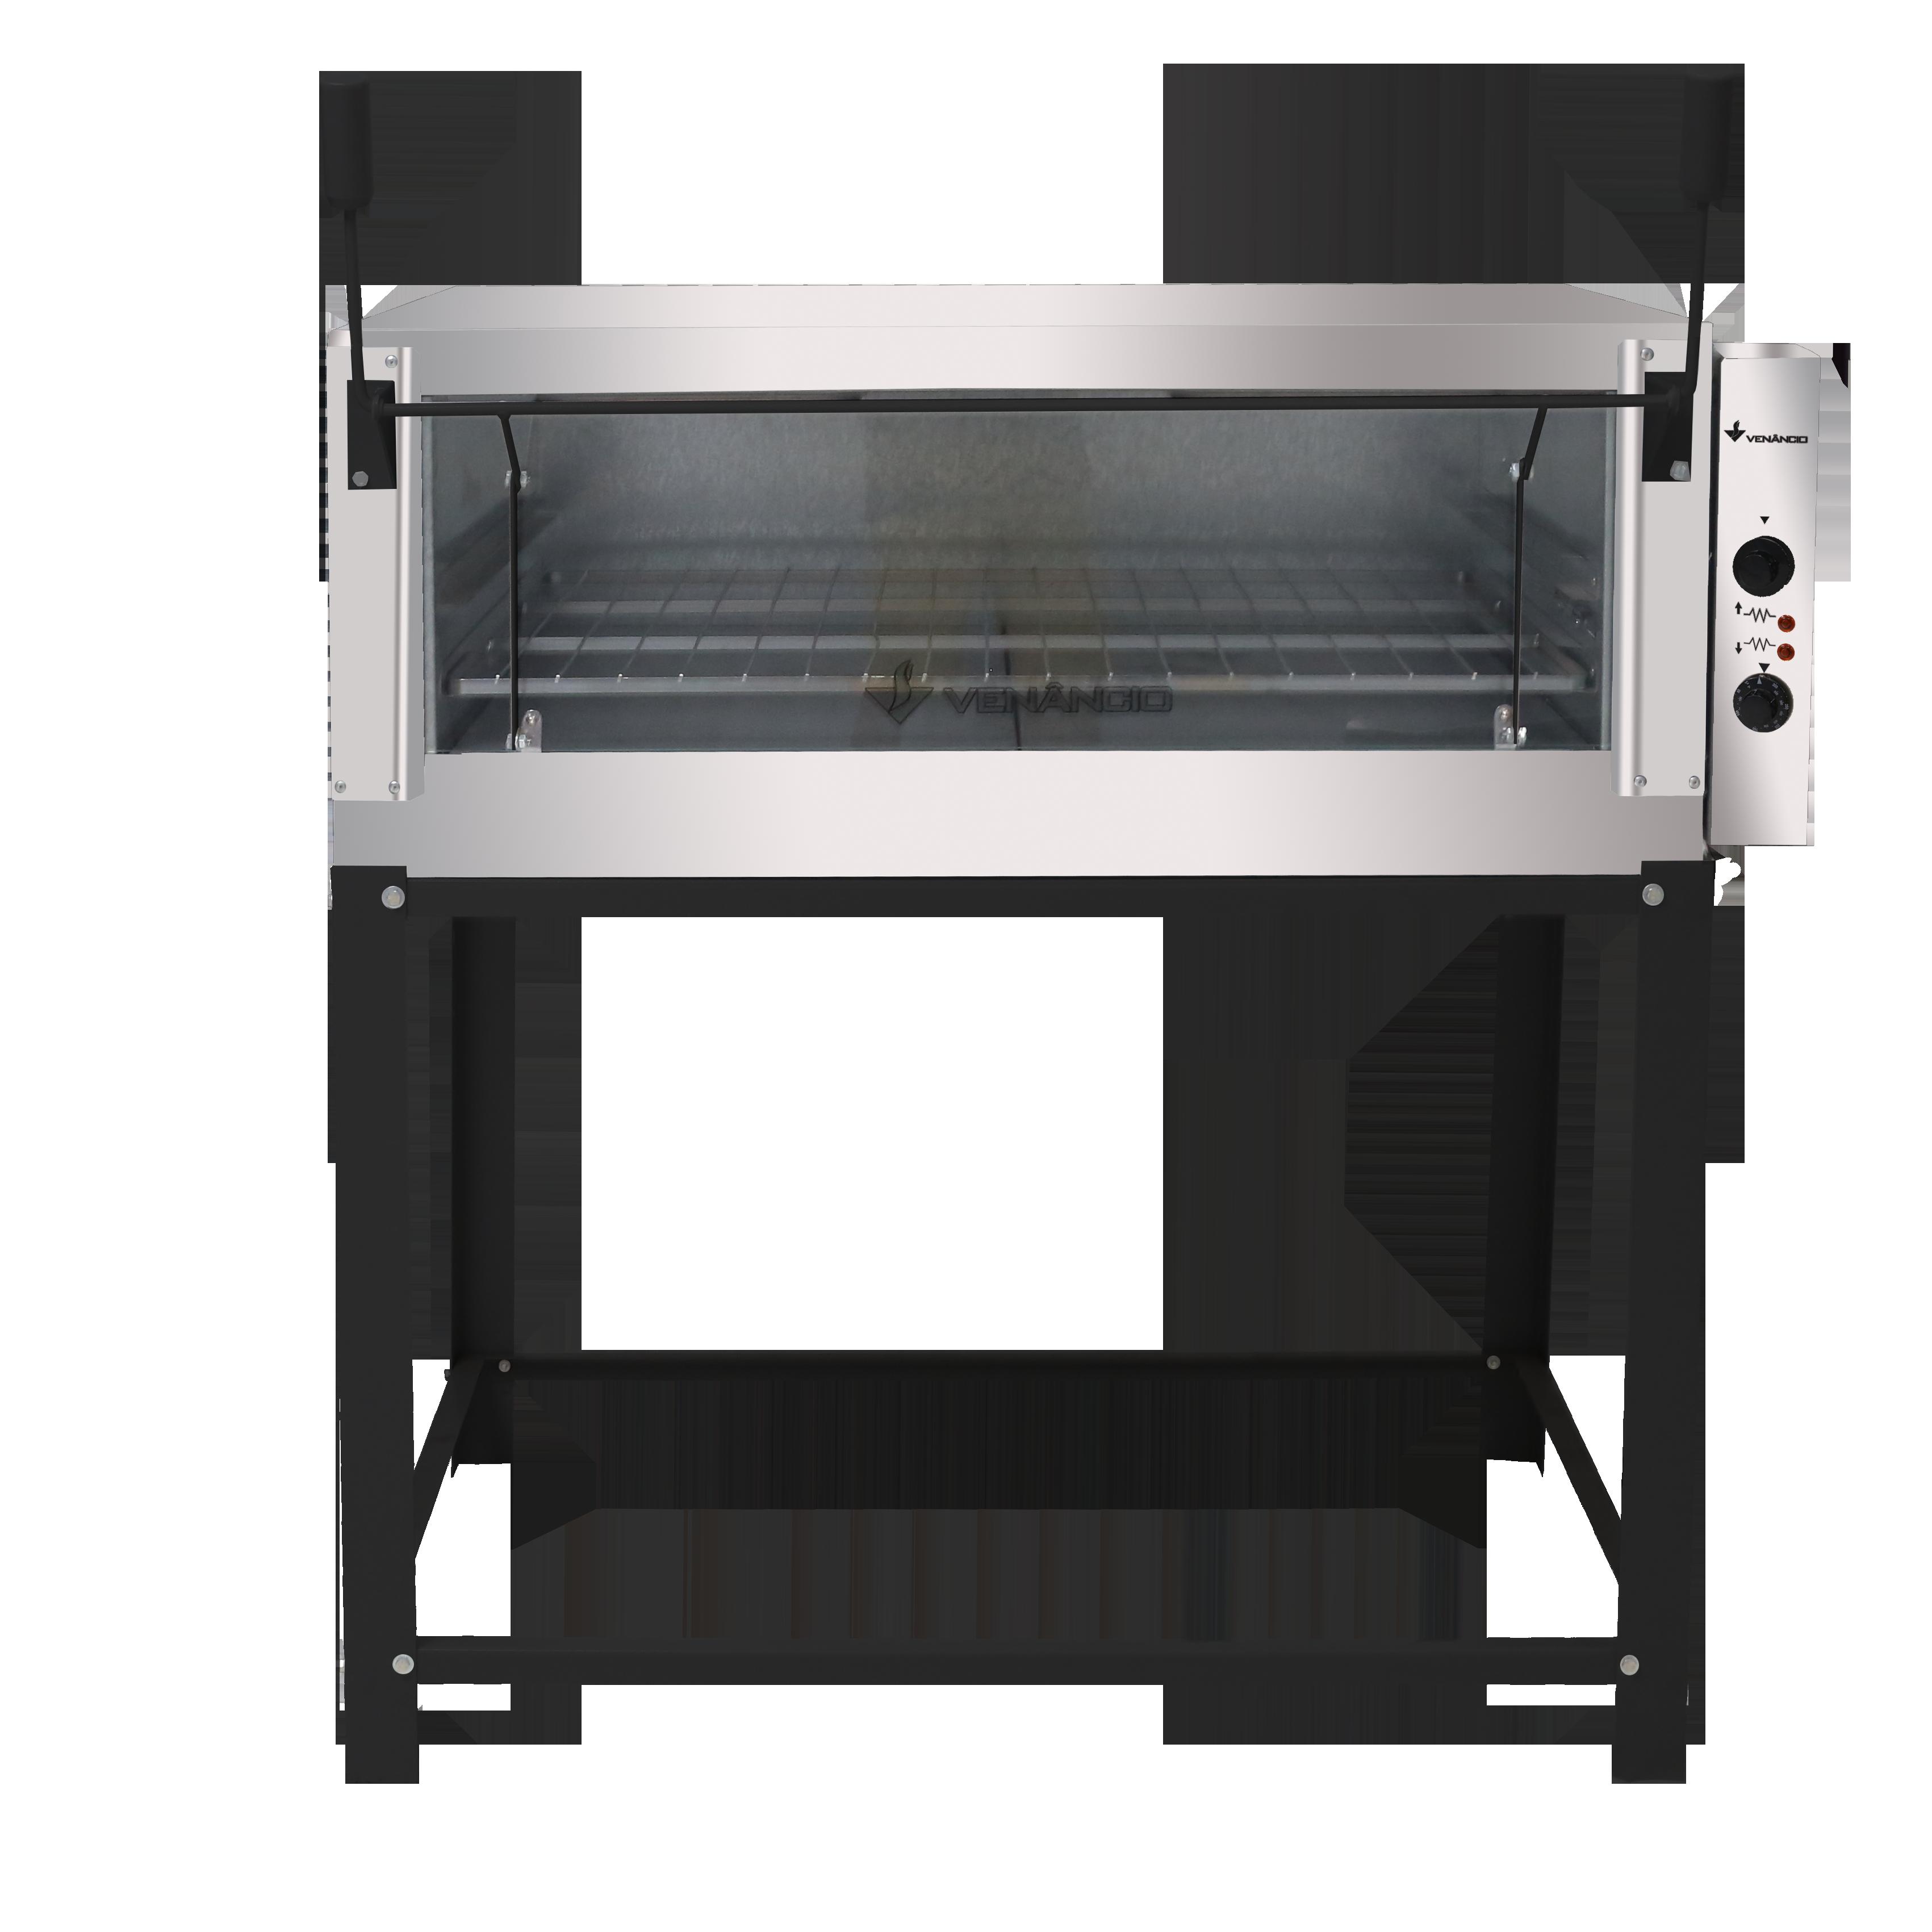 Forno Elétrico para pães, bolos e pizzas Feri110 220v Venâncio